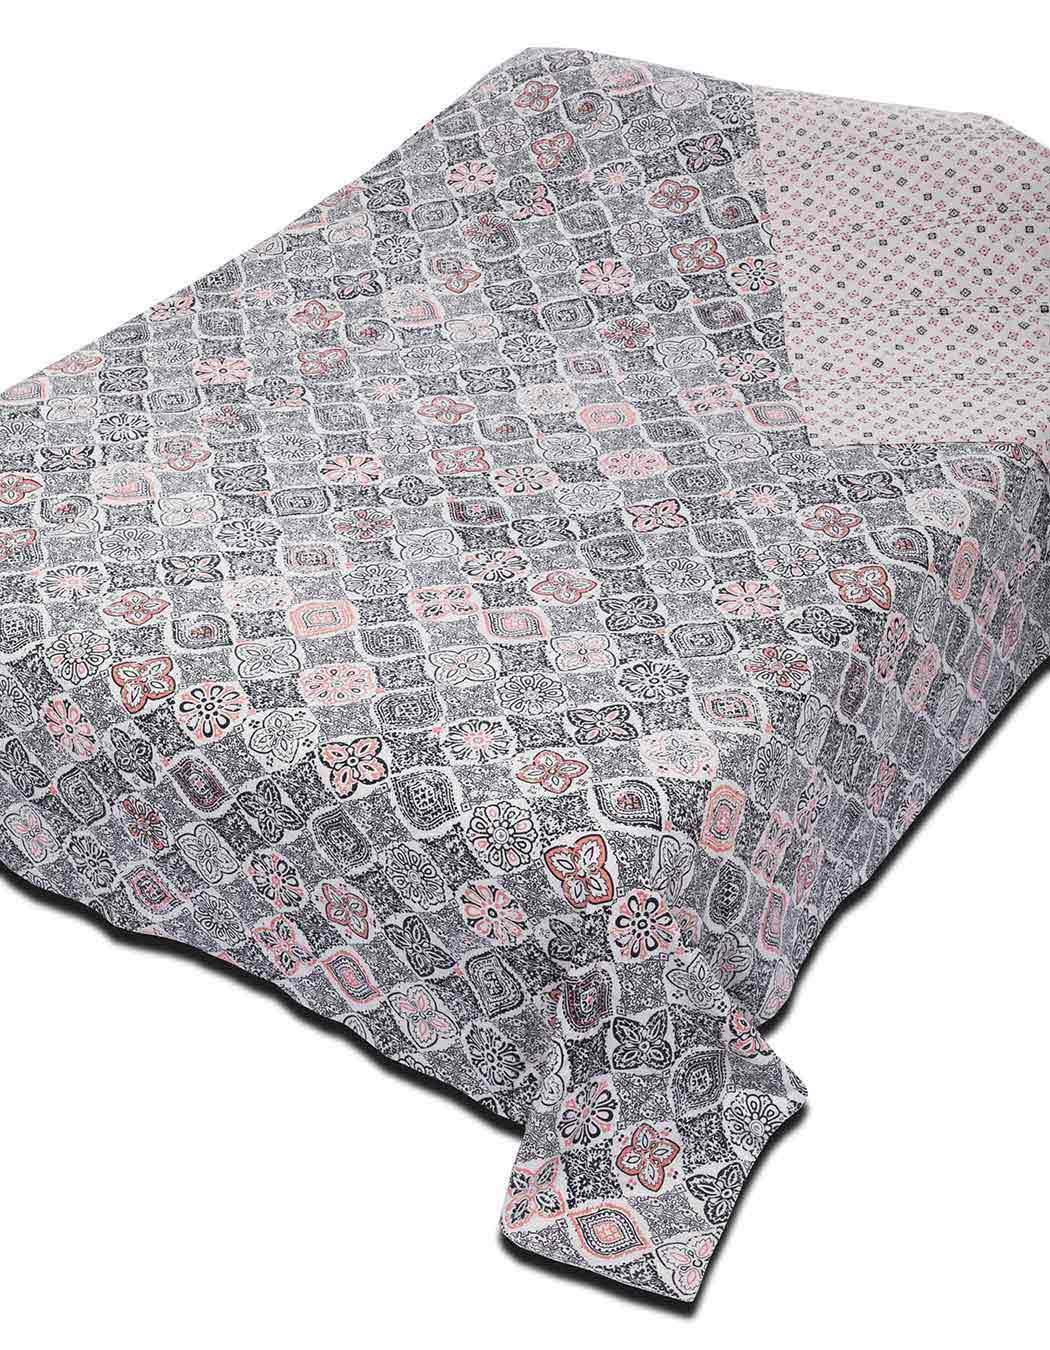 Jeté de lit surpiqué en coton anthracite 240 x 260